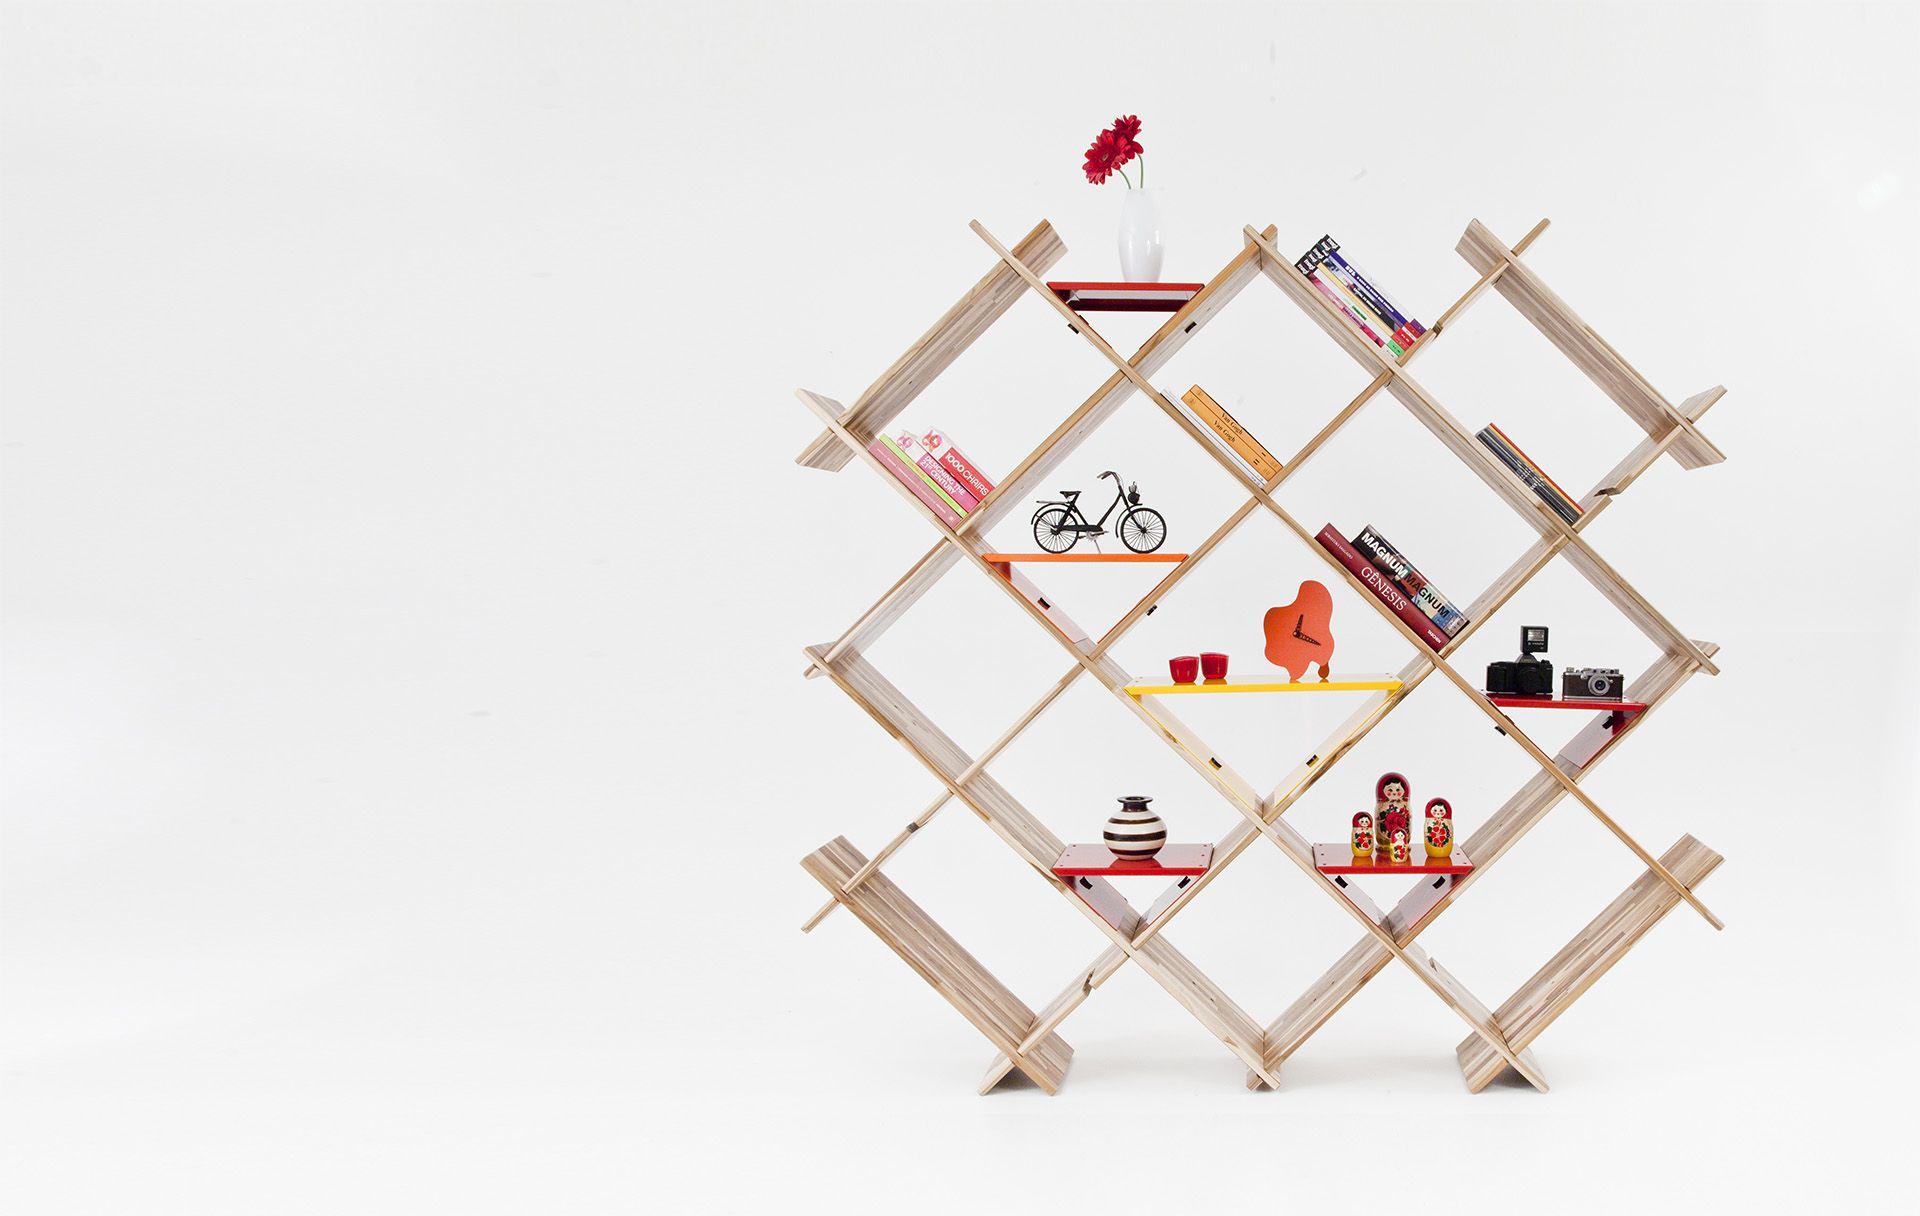 Estante Cruzada - Sala - Móveis e objetos de design assinado - Entrega em todo o Brasil